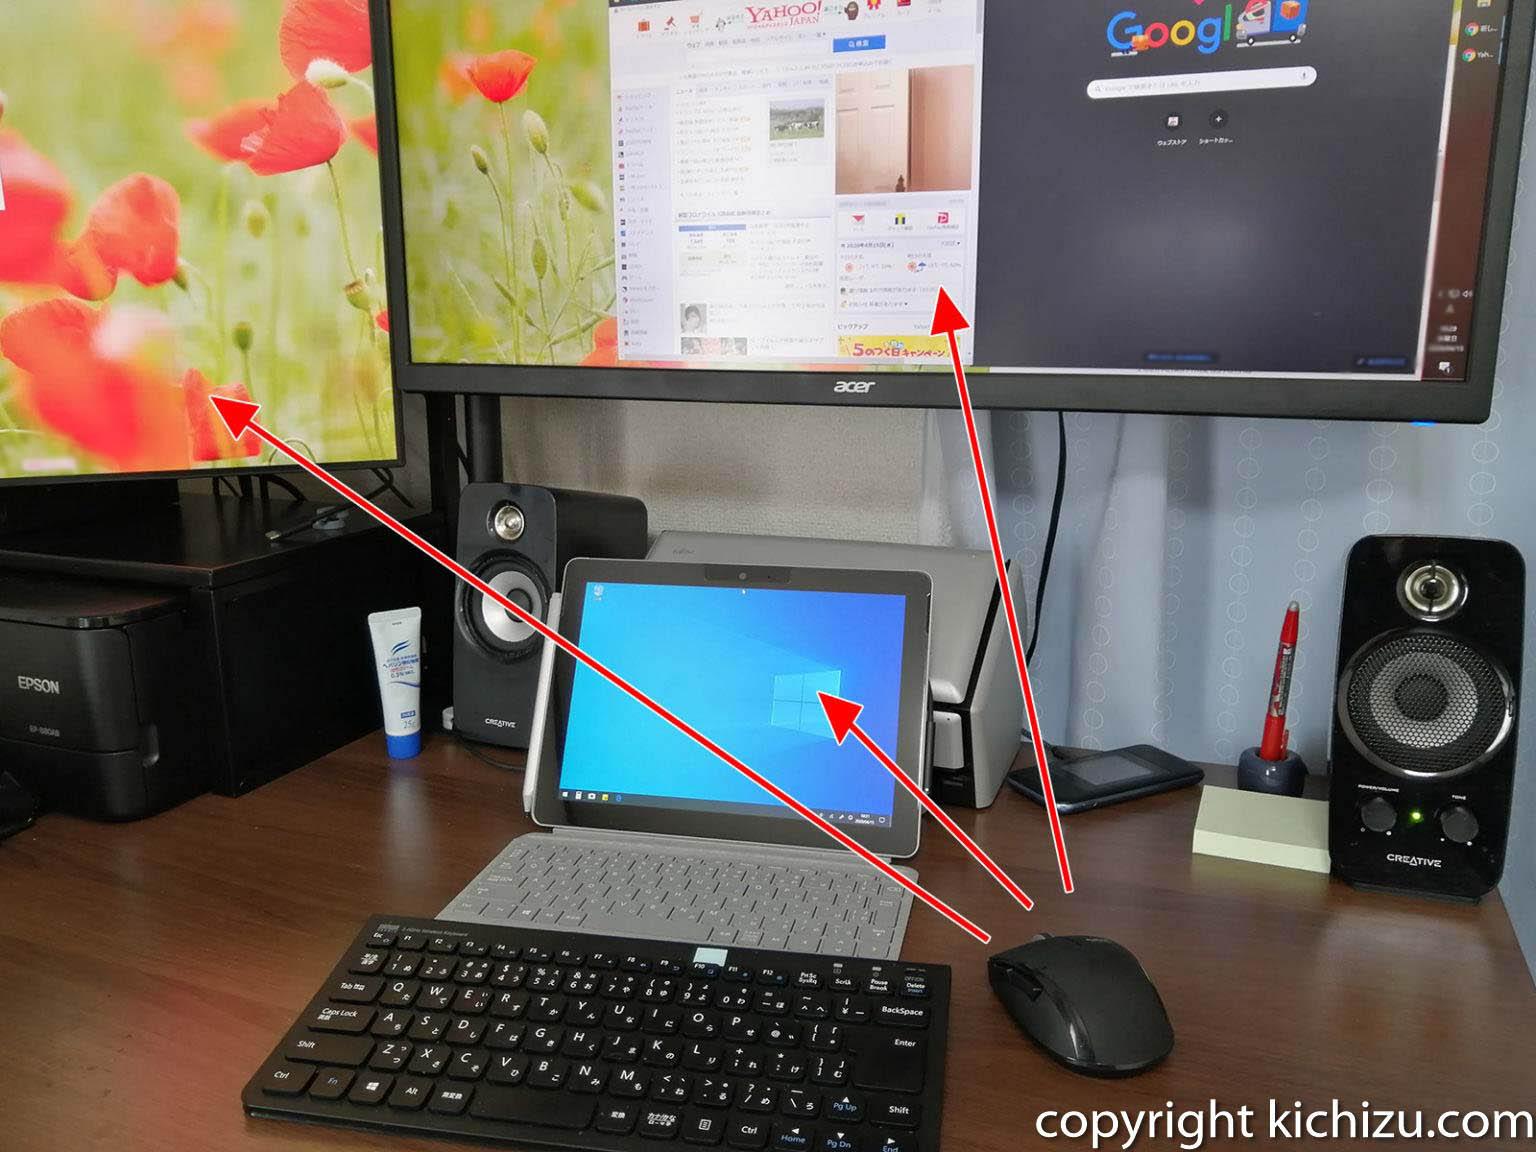 一つのマウスとキーボードで複数のパソコンを操作する